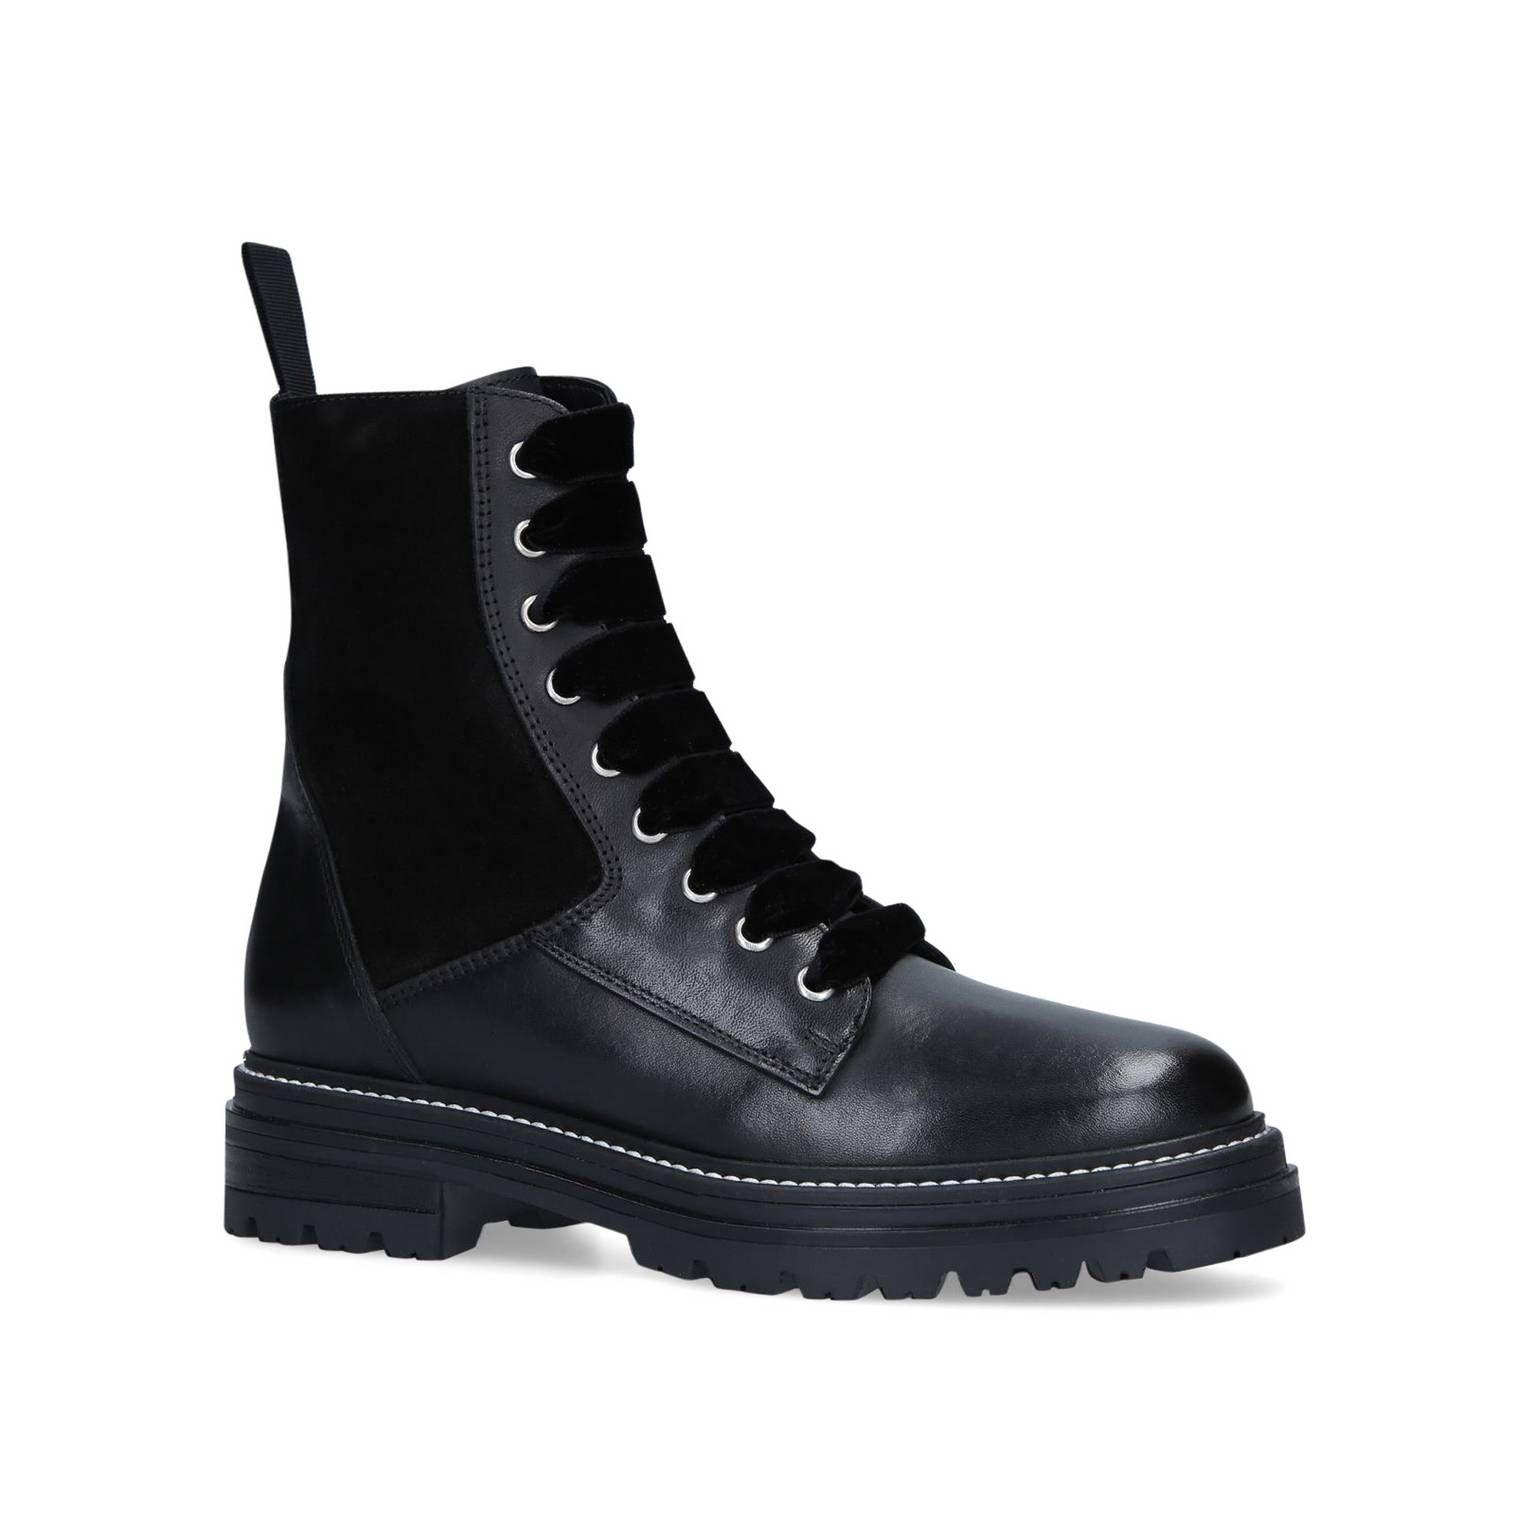 Carvela Black 'Sultry' Biker Boots in